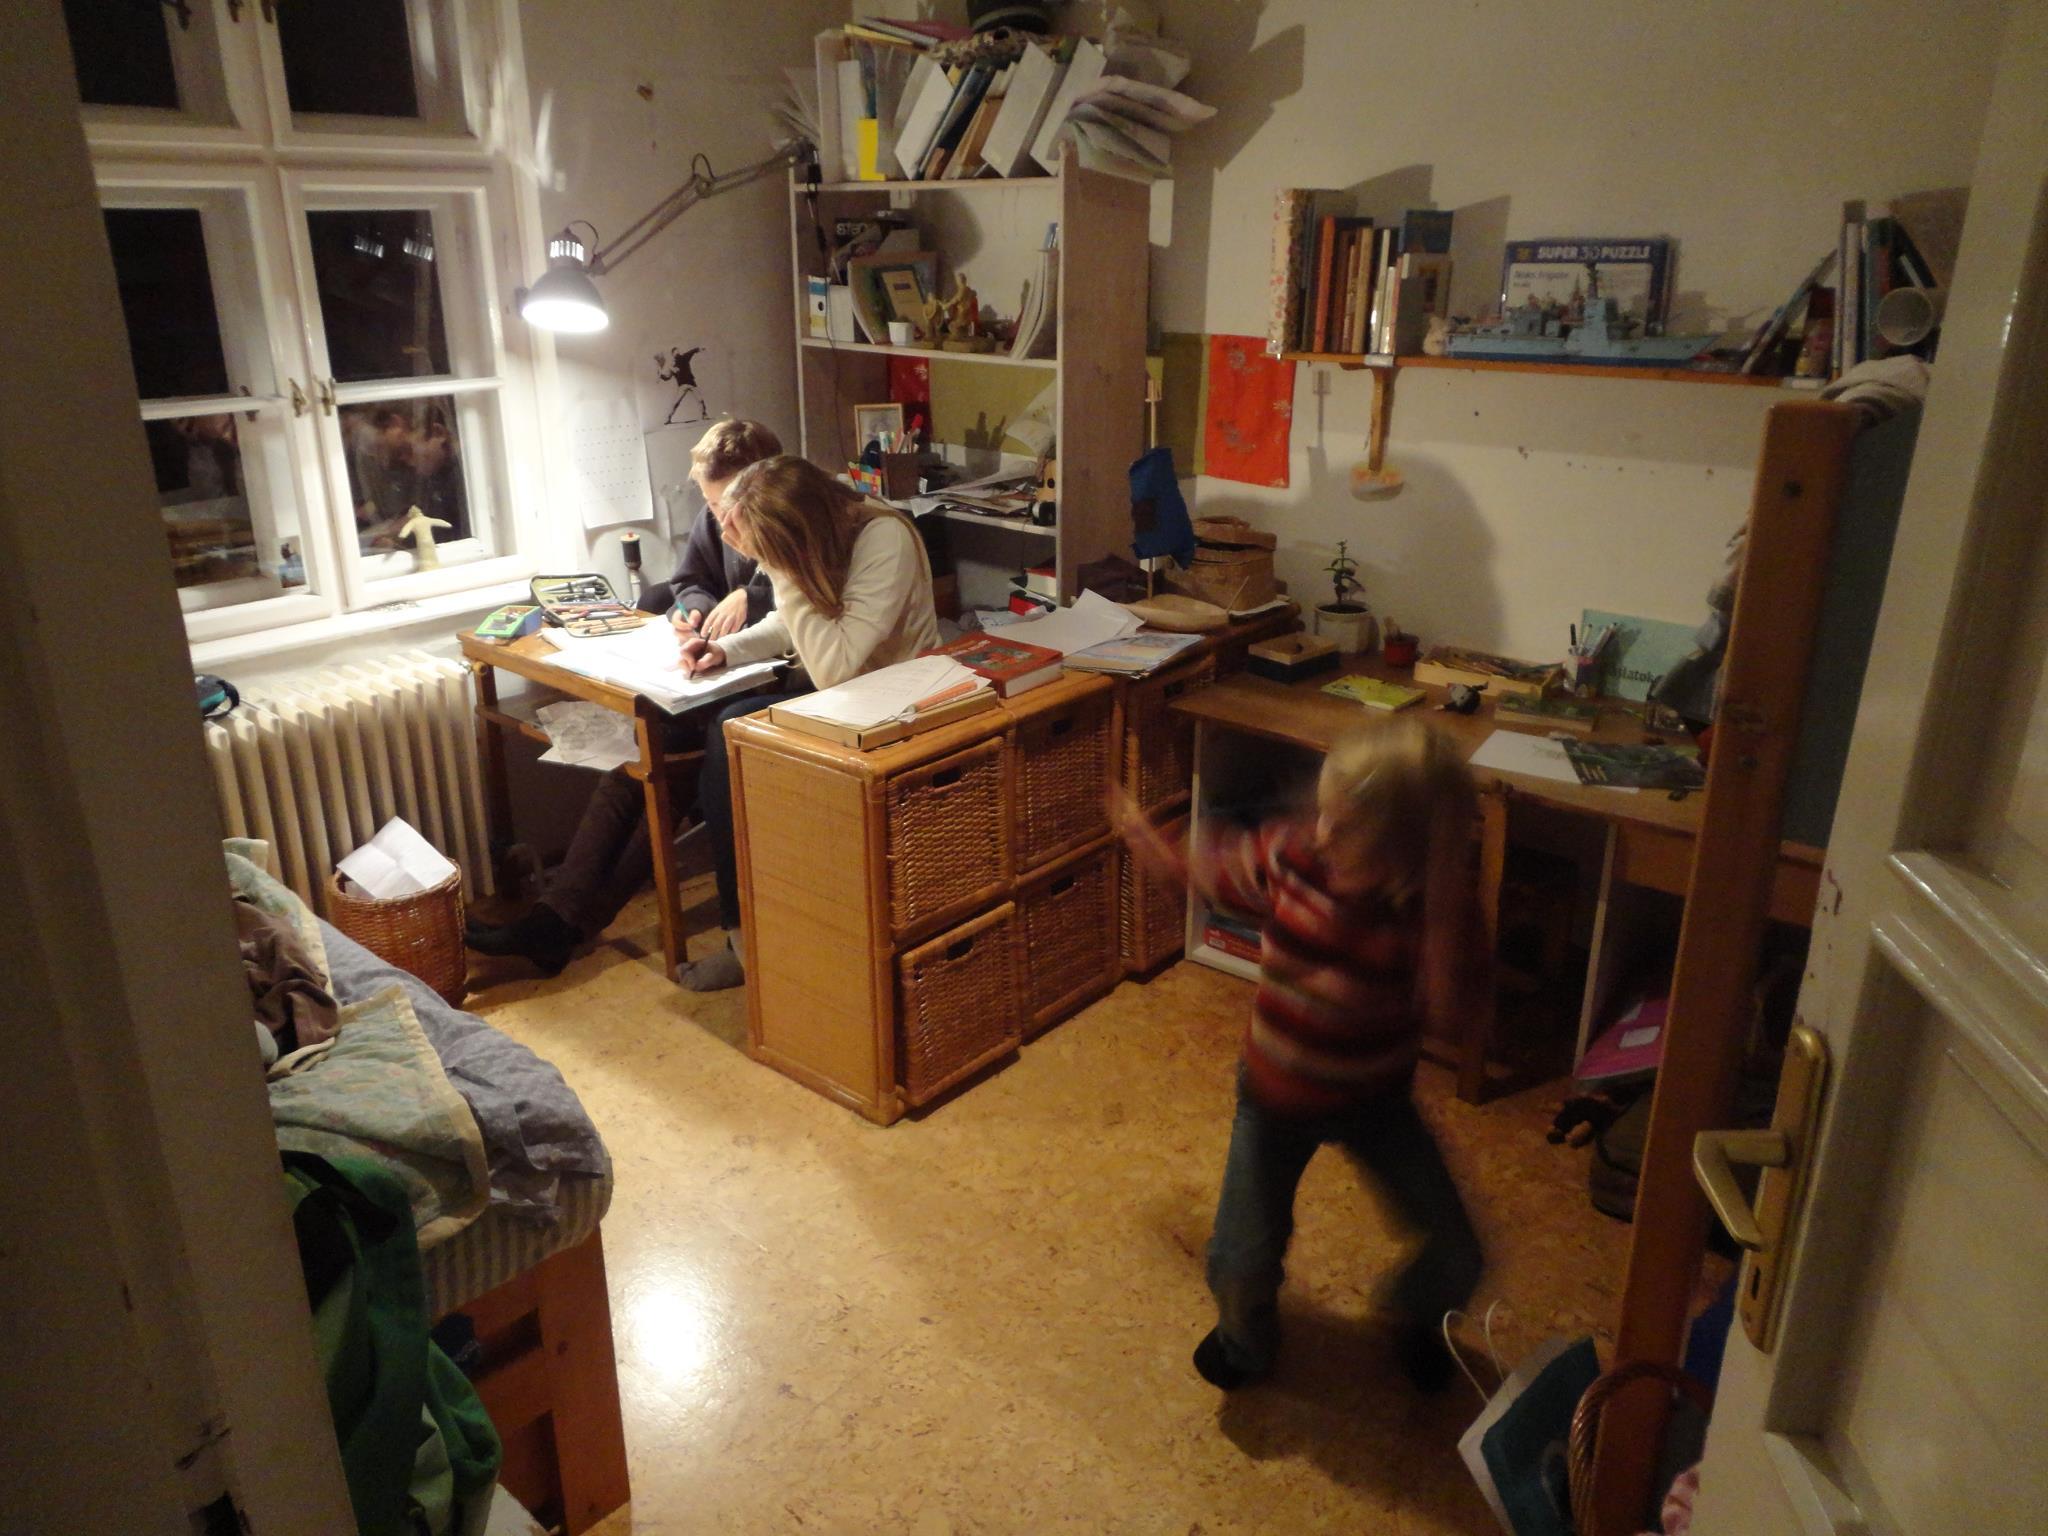 Matekleckeírós délután Ungváry Fanniéknál, a Hátsó Kapus gyerekprogramok vezetőjénél